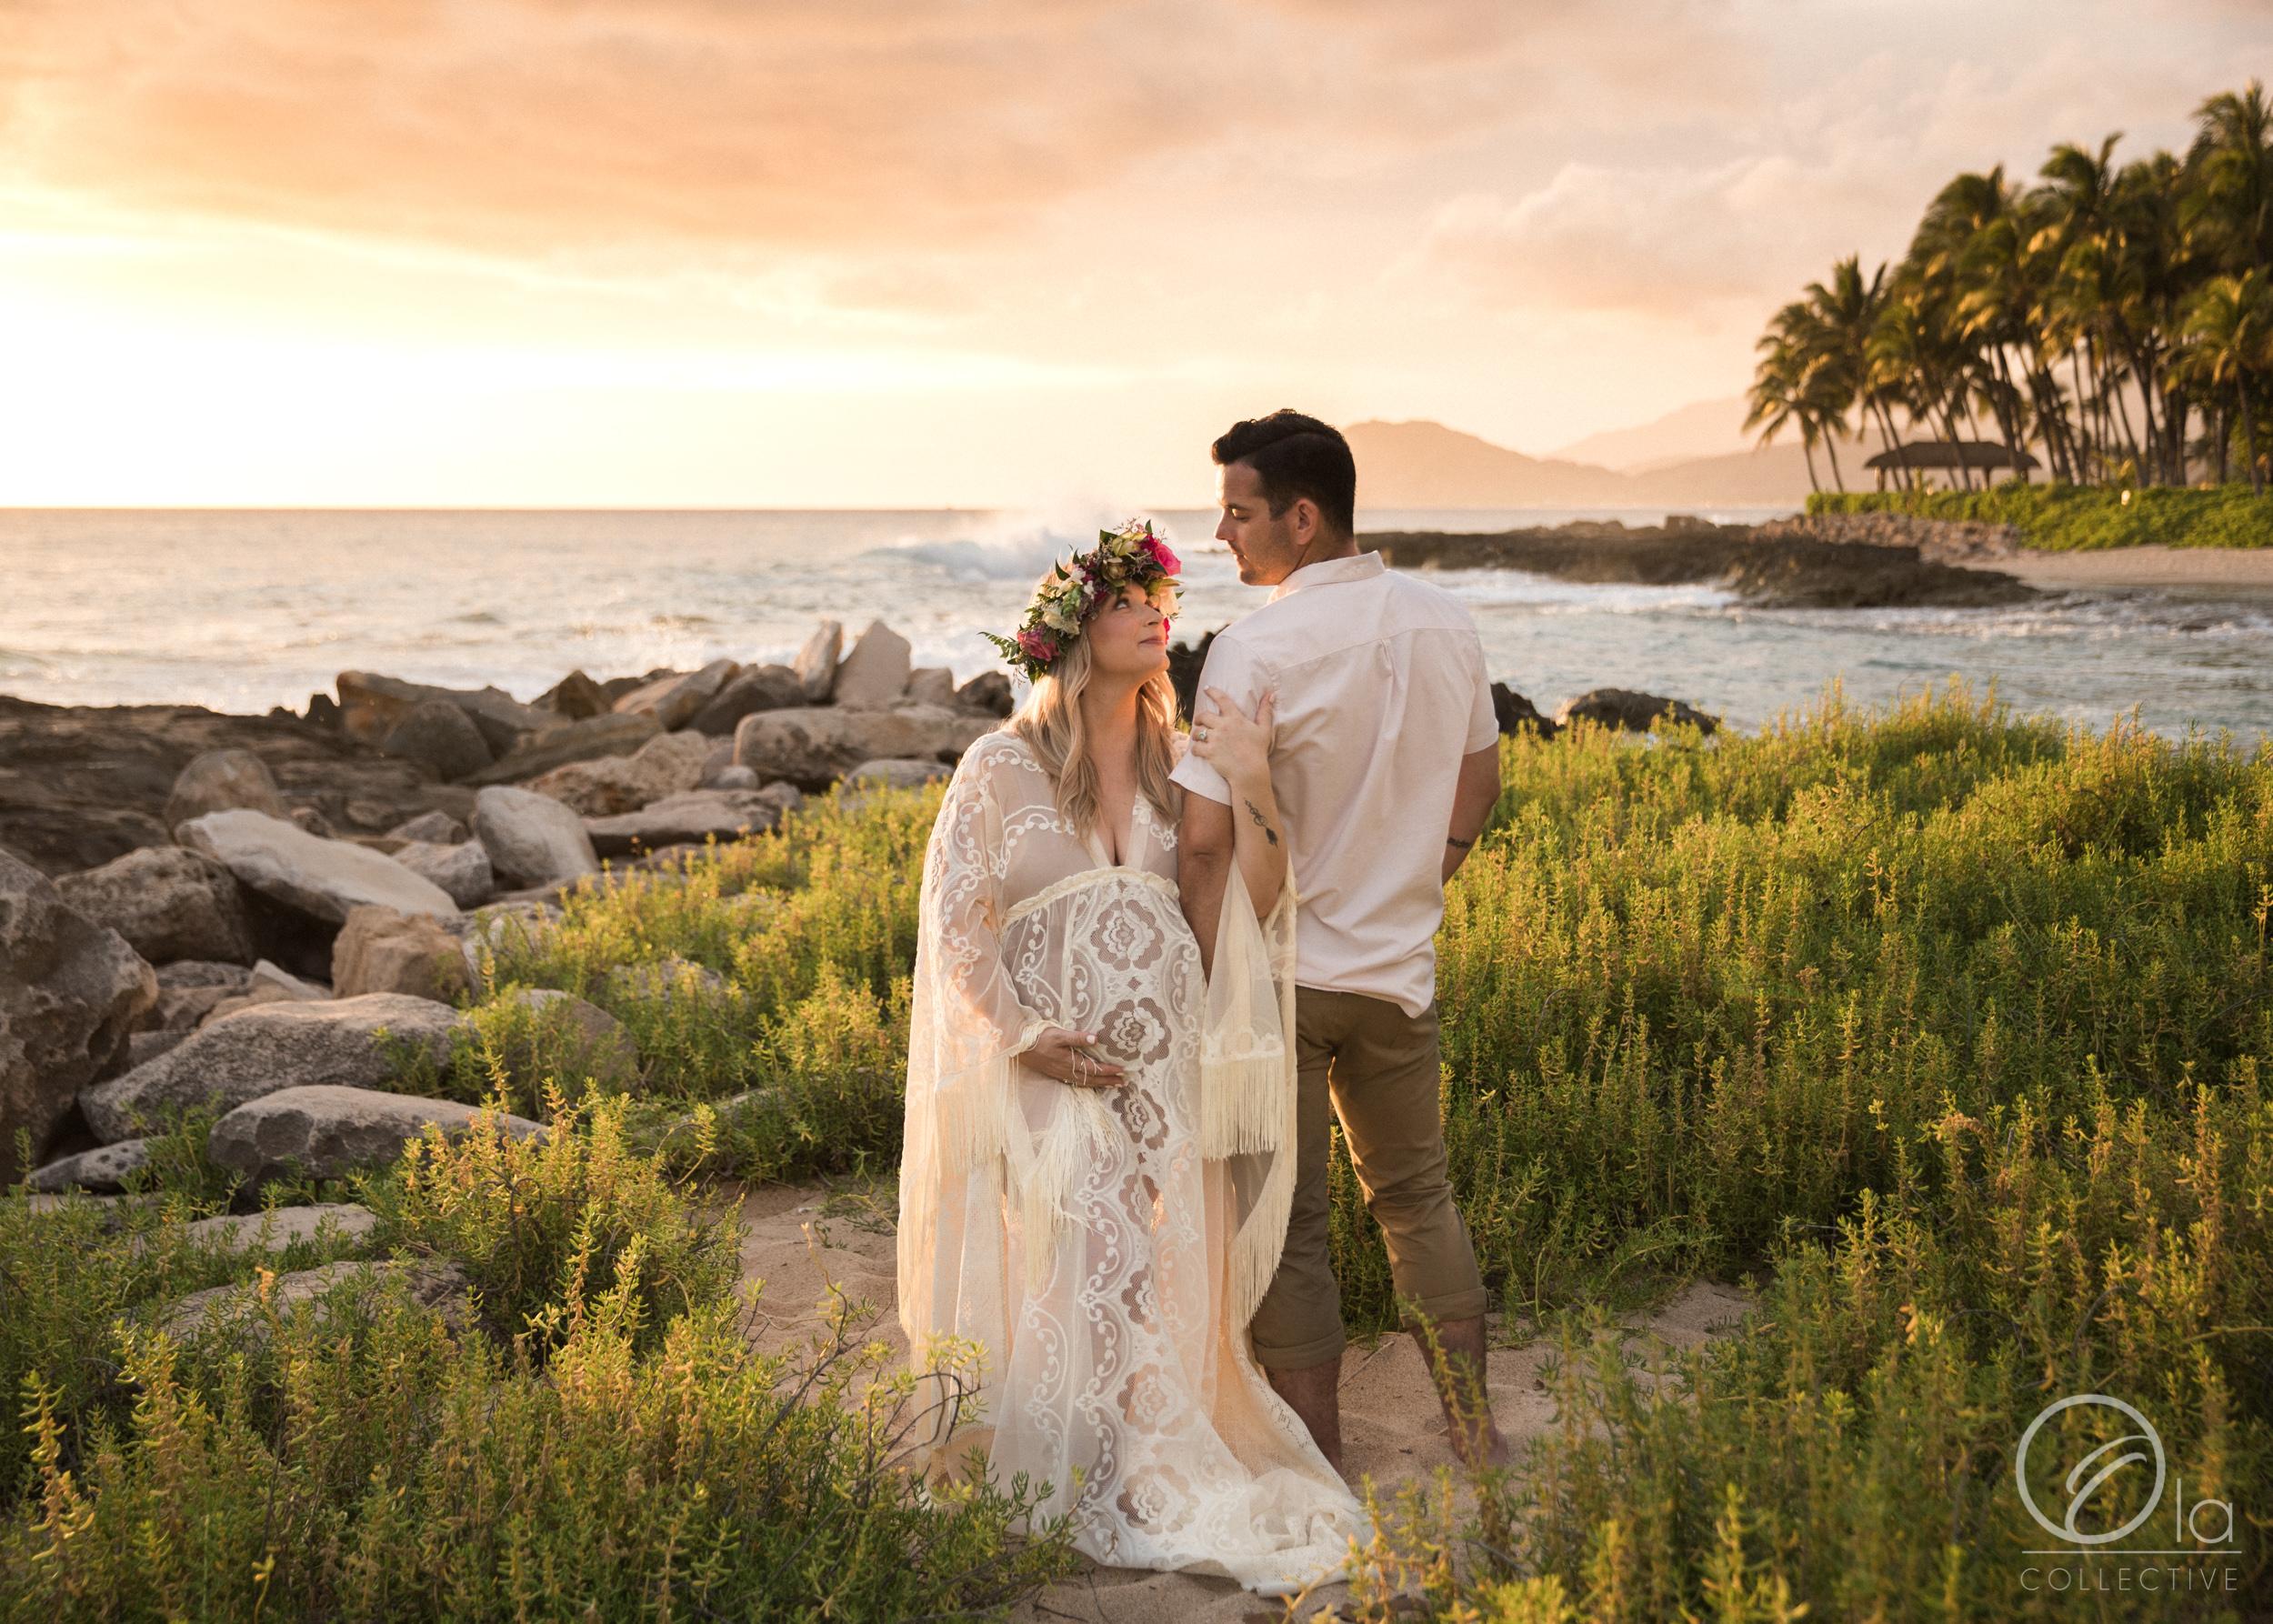 Four-Seasons-Oahu-Family-Photographer-Ola-Collective-6.jpg